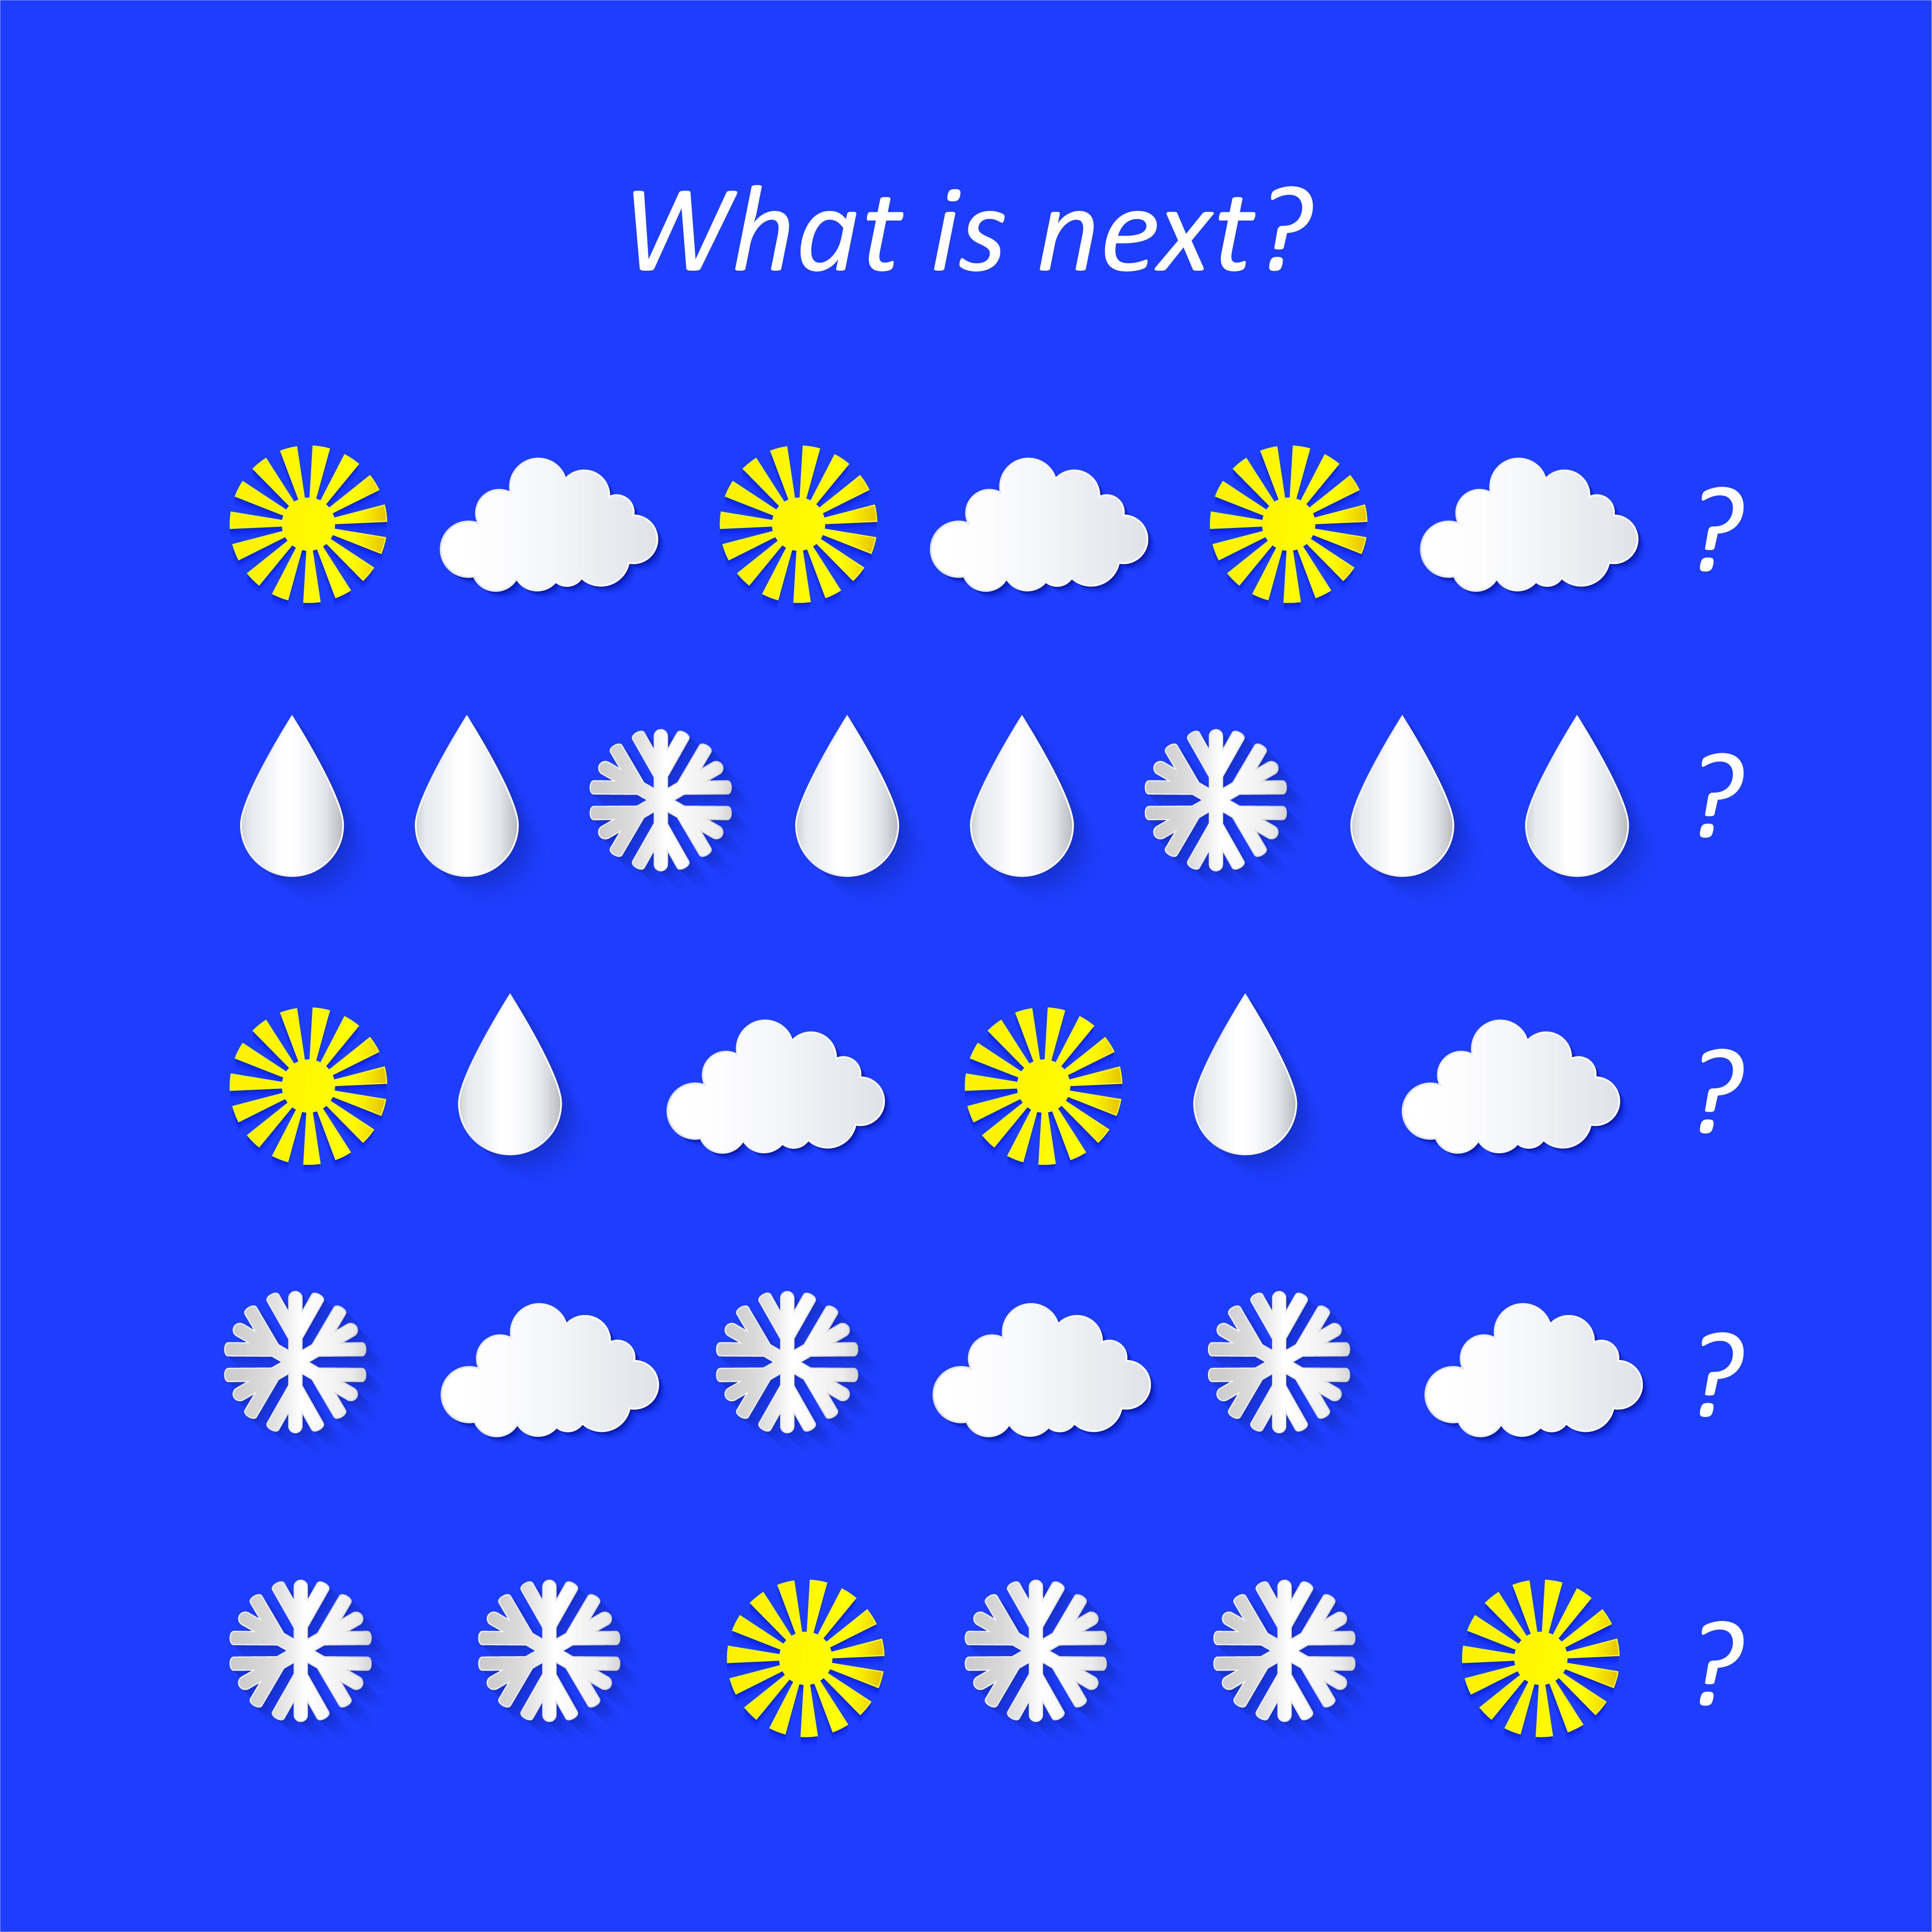 Easy preschool educational brainteasers set example image 6